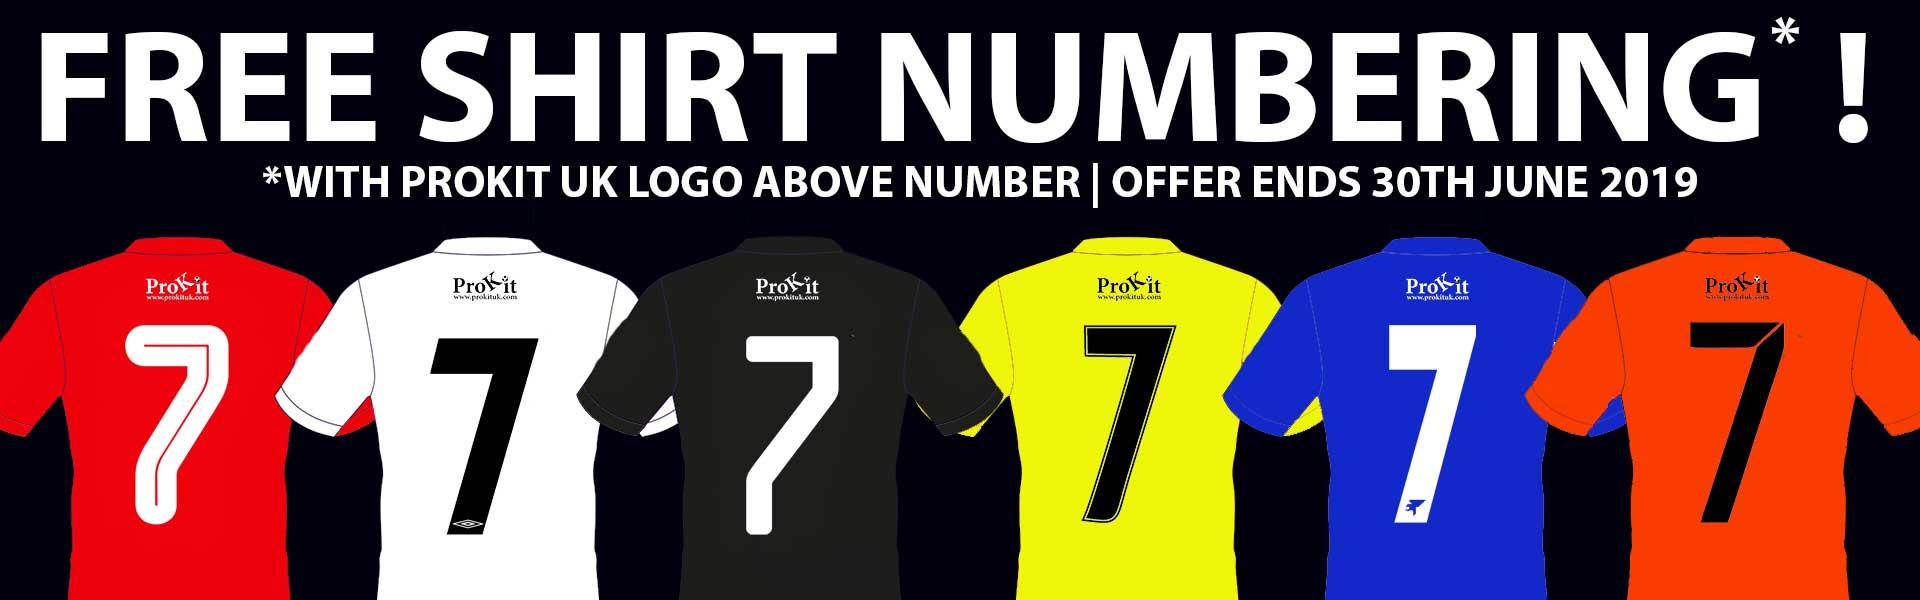 Free Shirt Numbering